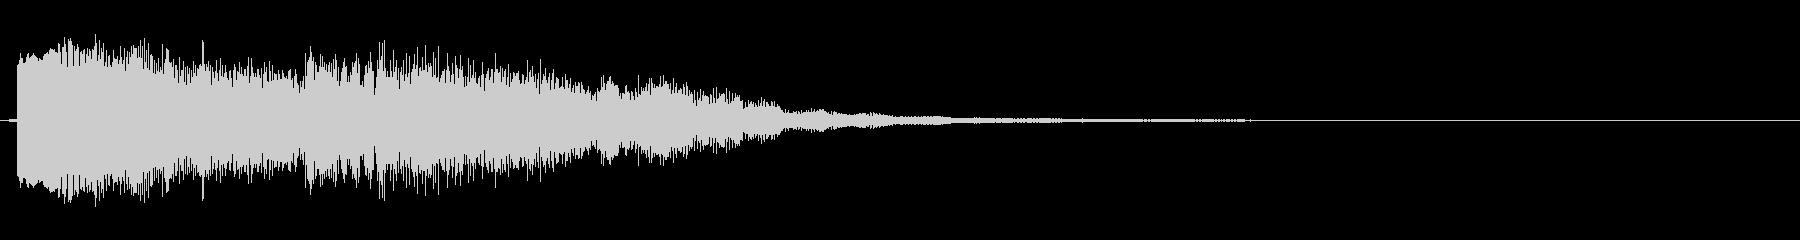 エレキ一本による不協和音チックジングルの未再生の波形